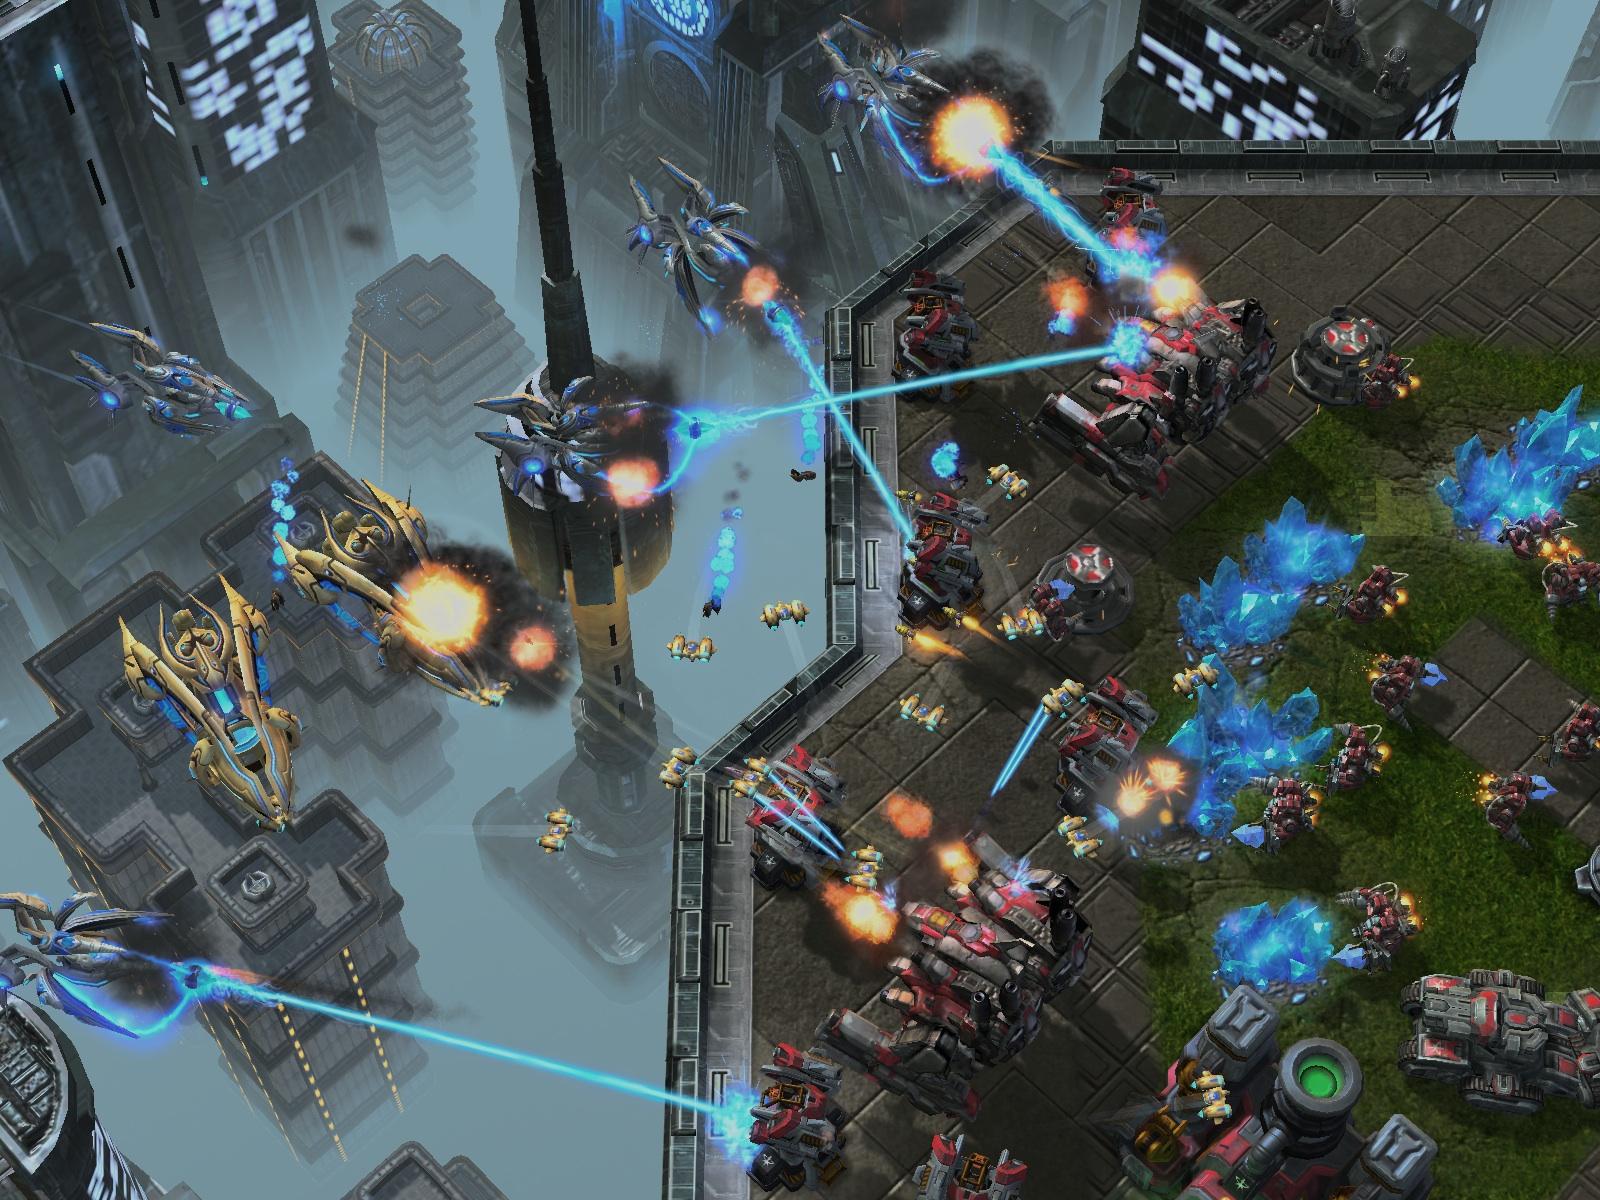 La primera parte de la trilogía Starcraft 2 tendrá una mini campaña Protoss [Anuncios+Screens]